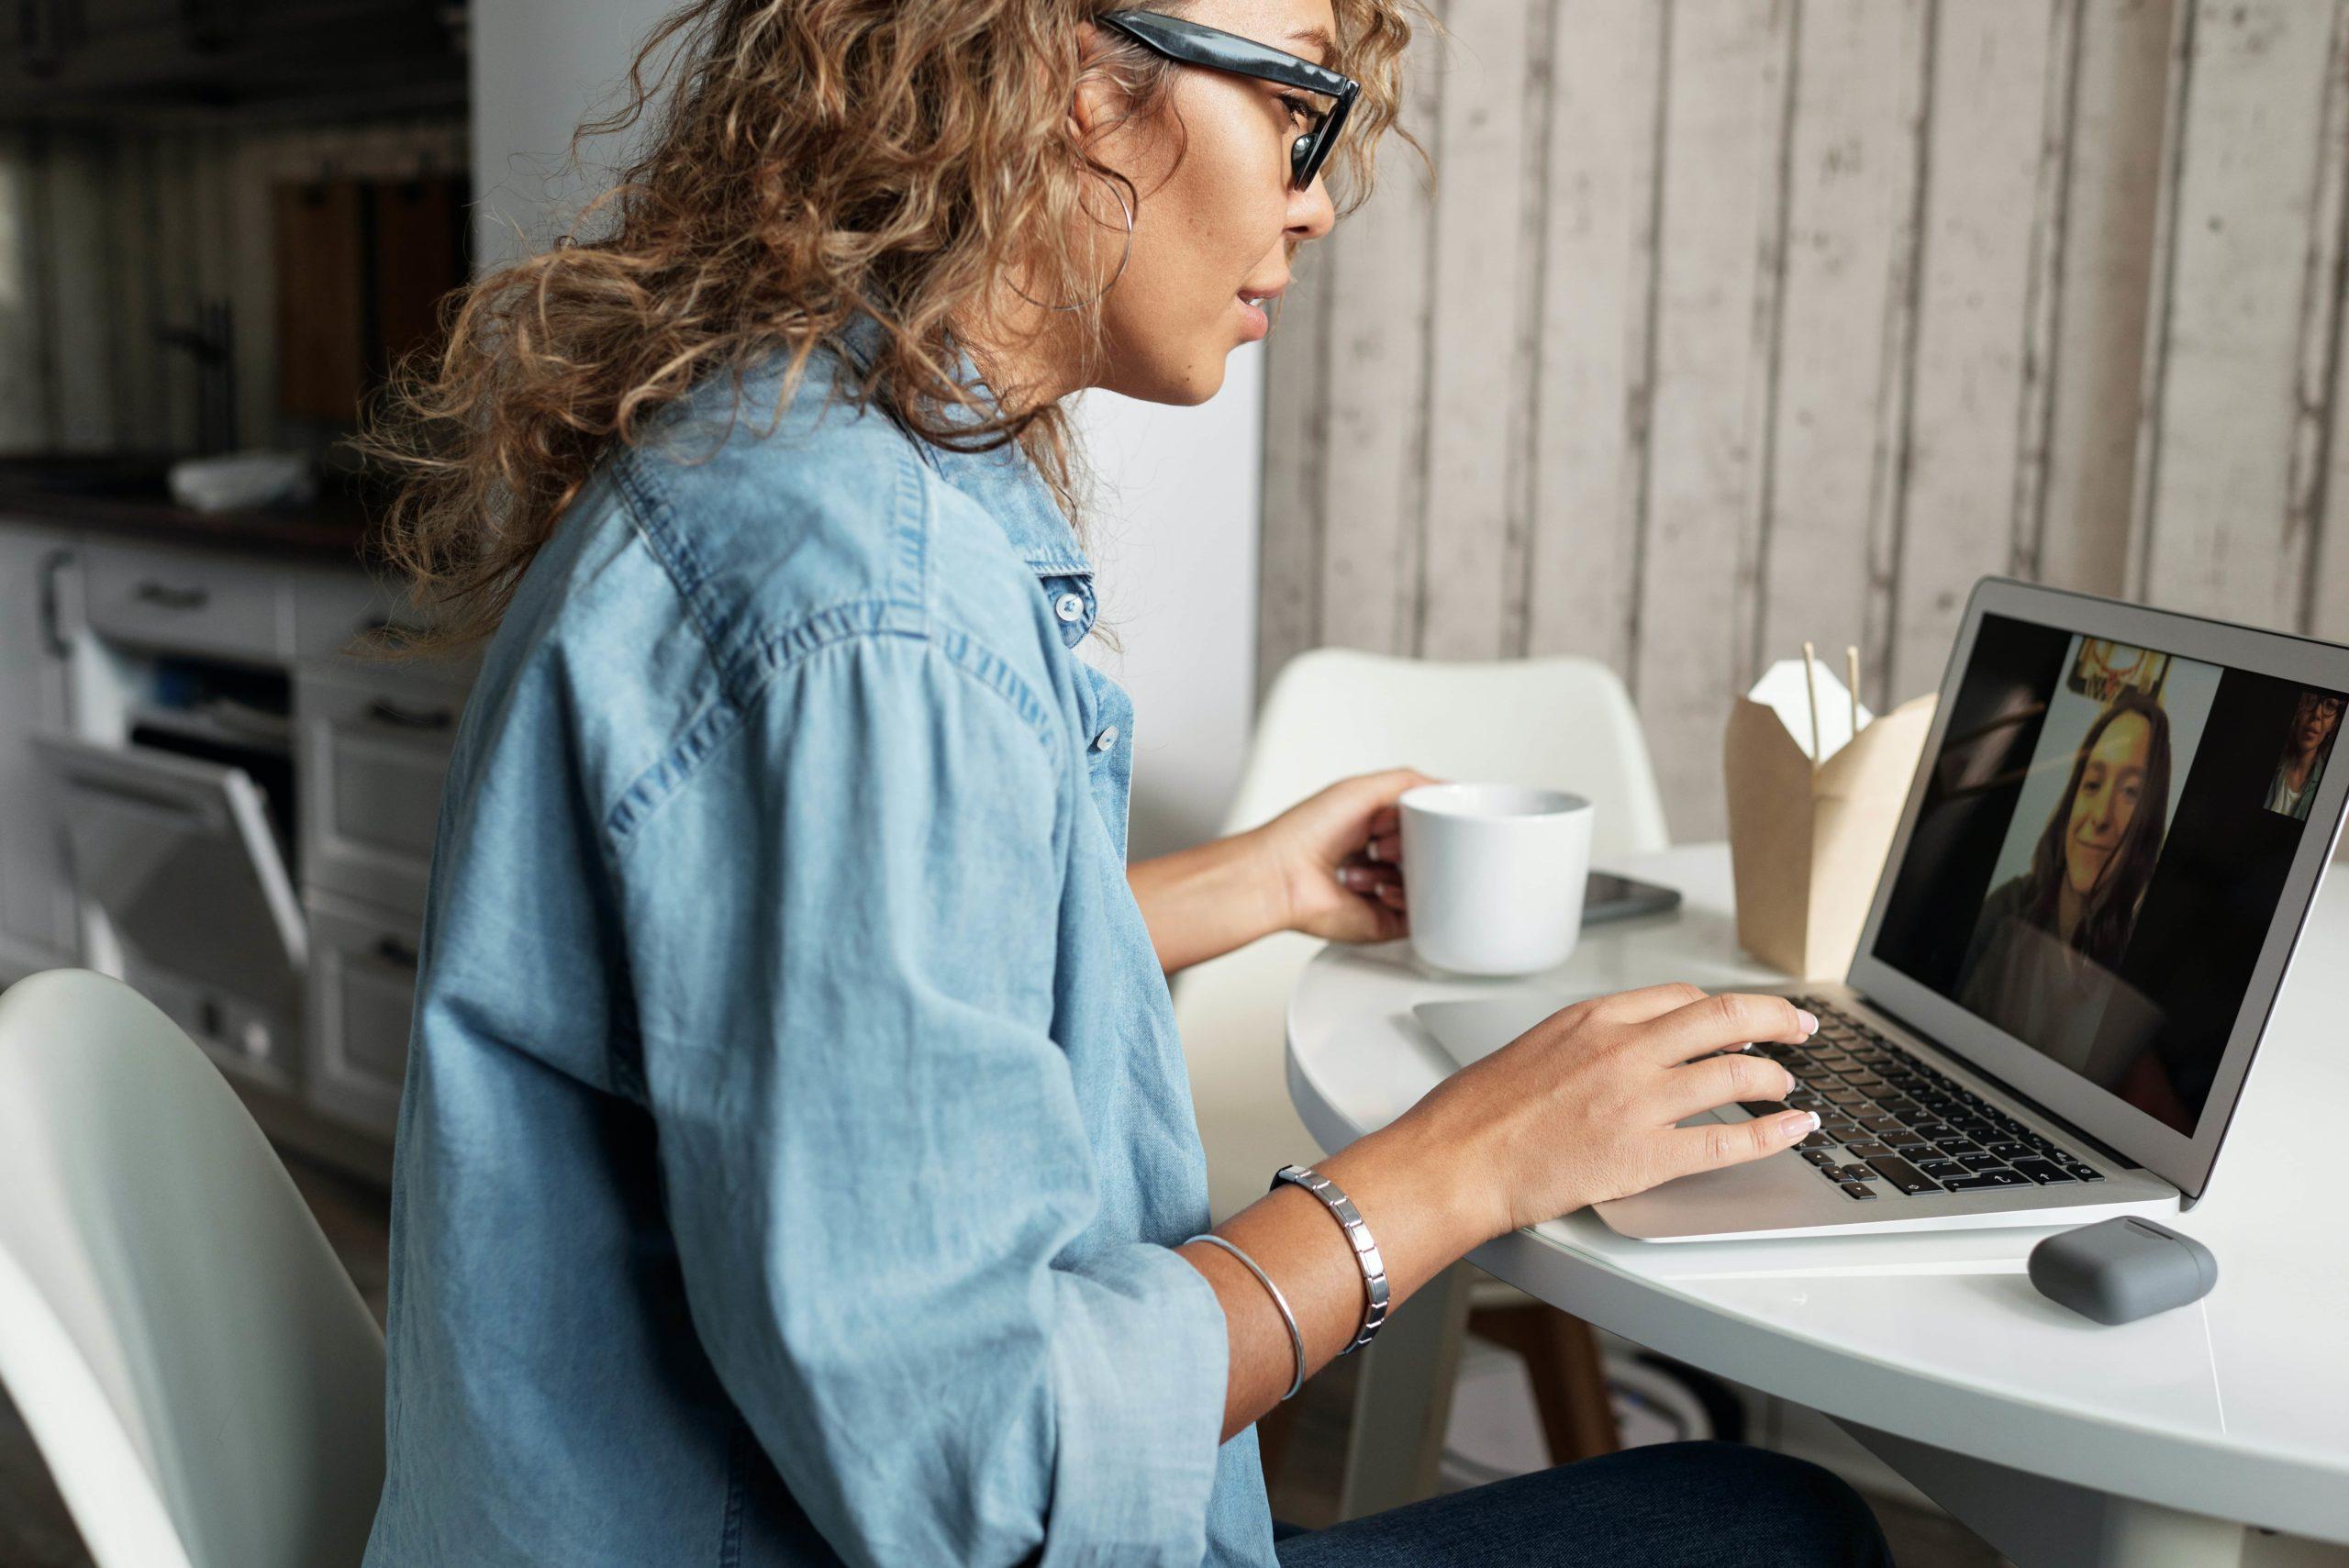 Formació continua virtual adreçada a persones en situació laboral activa